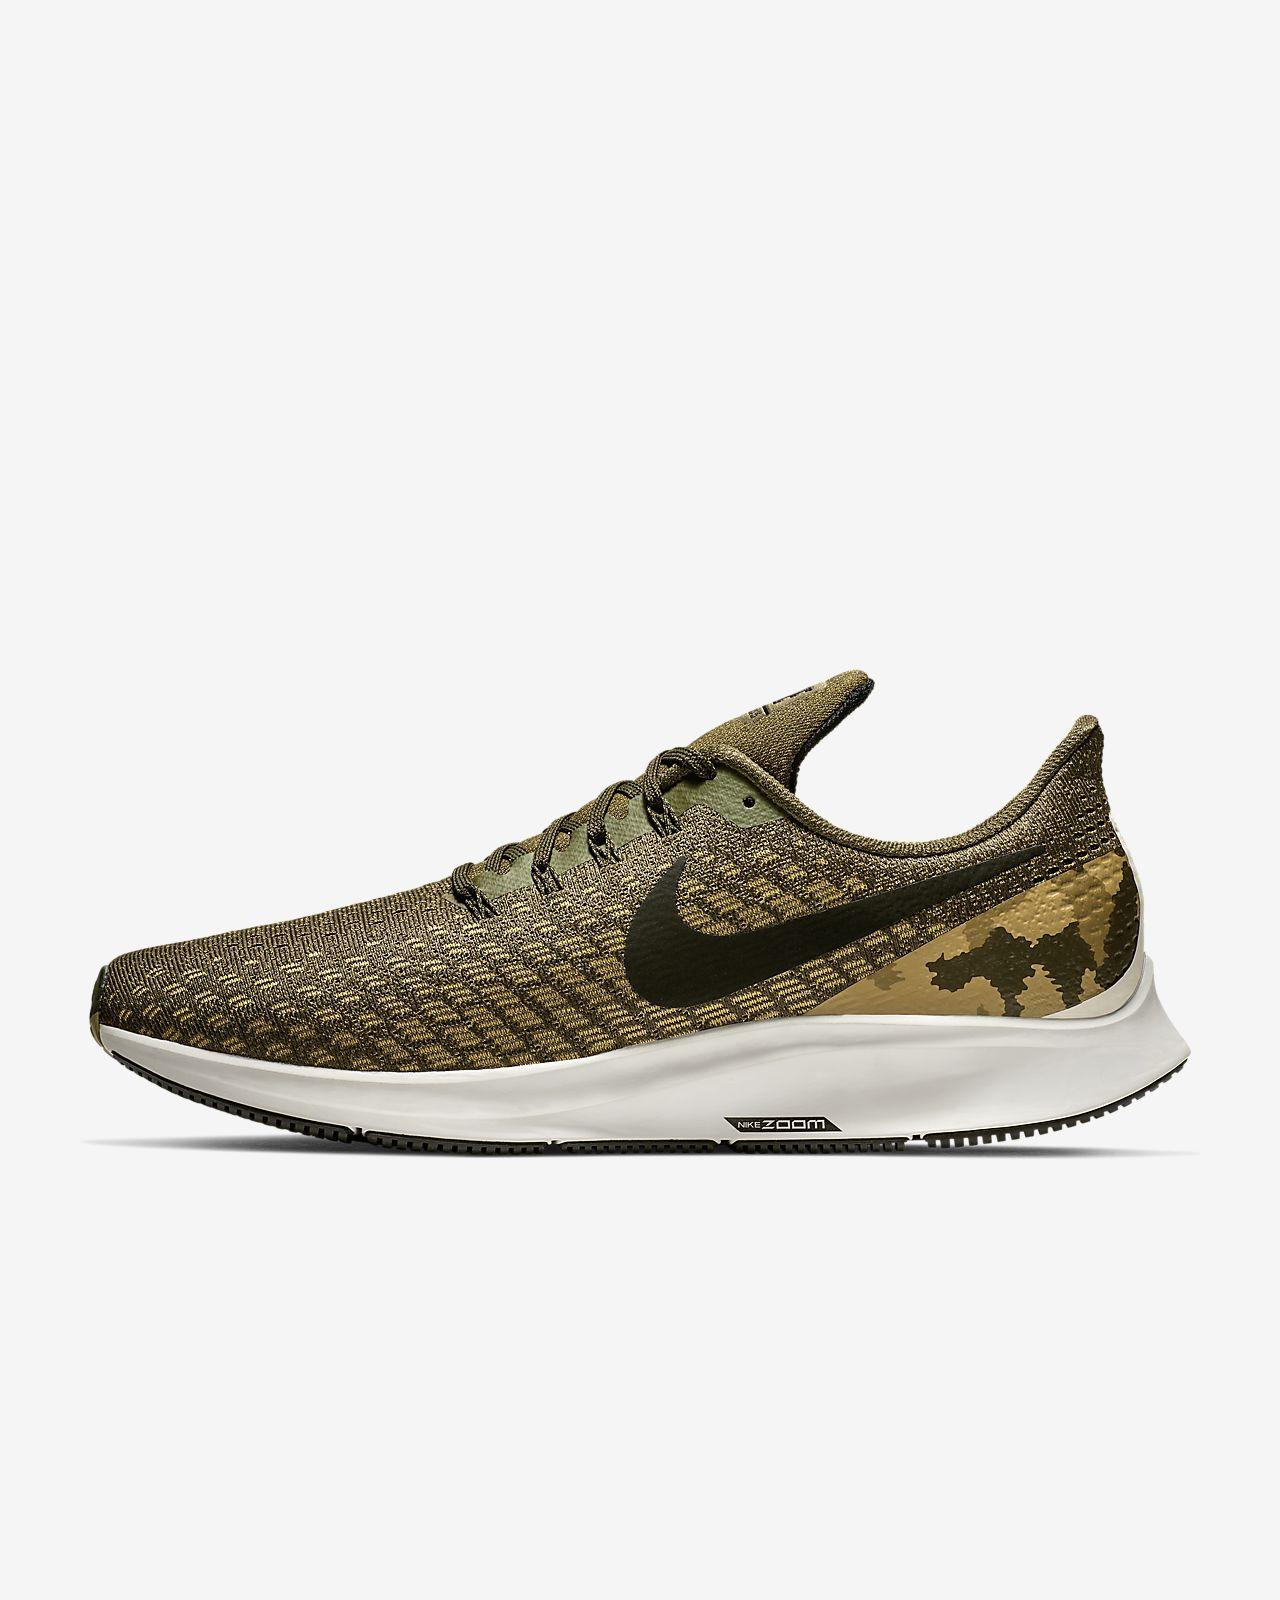 buy online e7b51 ab997 ... Calzado de running con estampado de camuflaje para hombre Nike Air Zoom  Pegasus 35